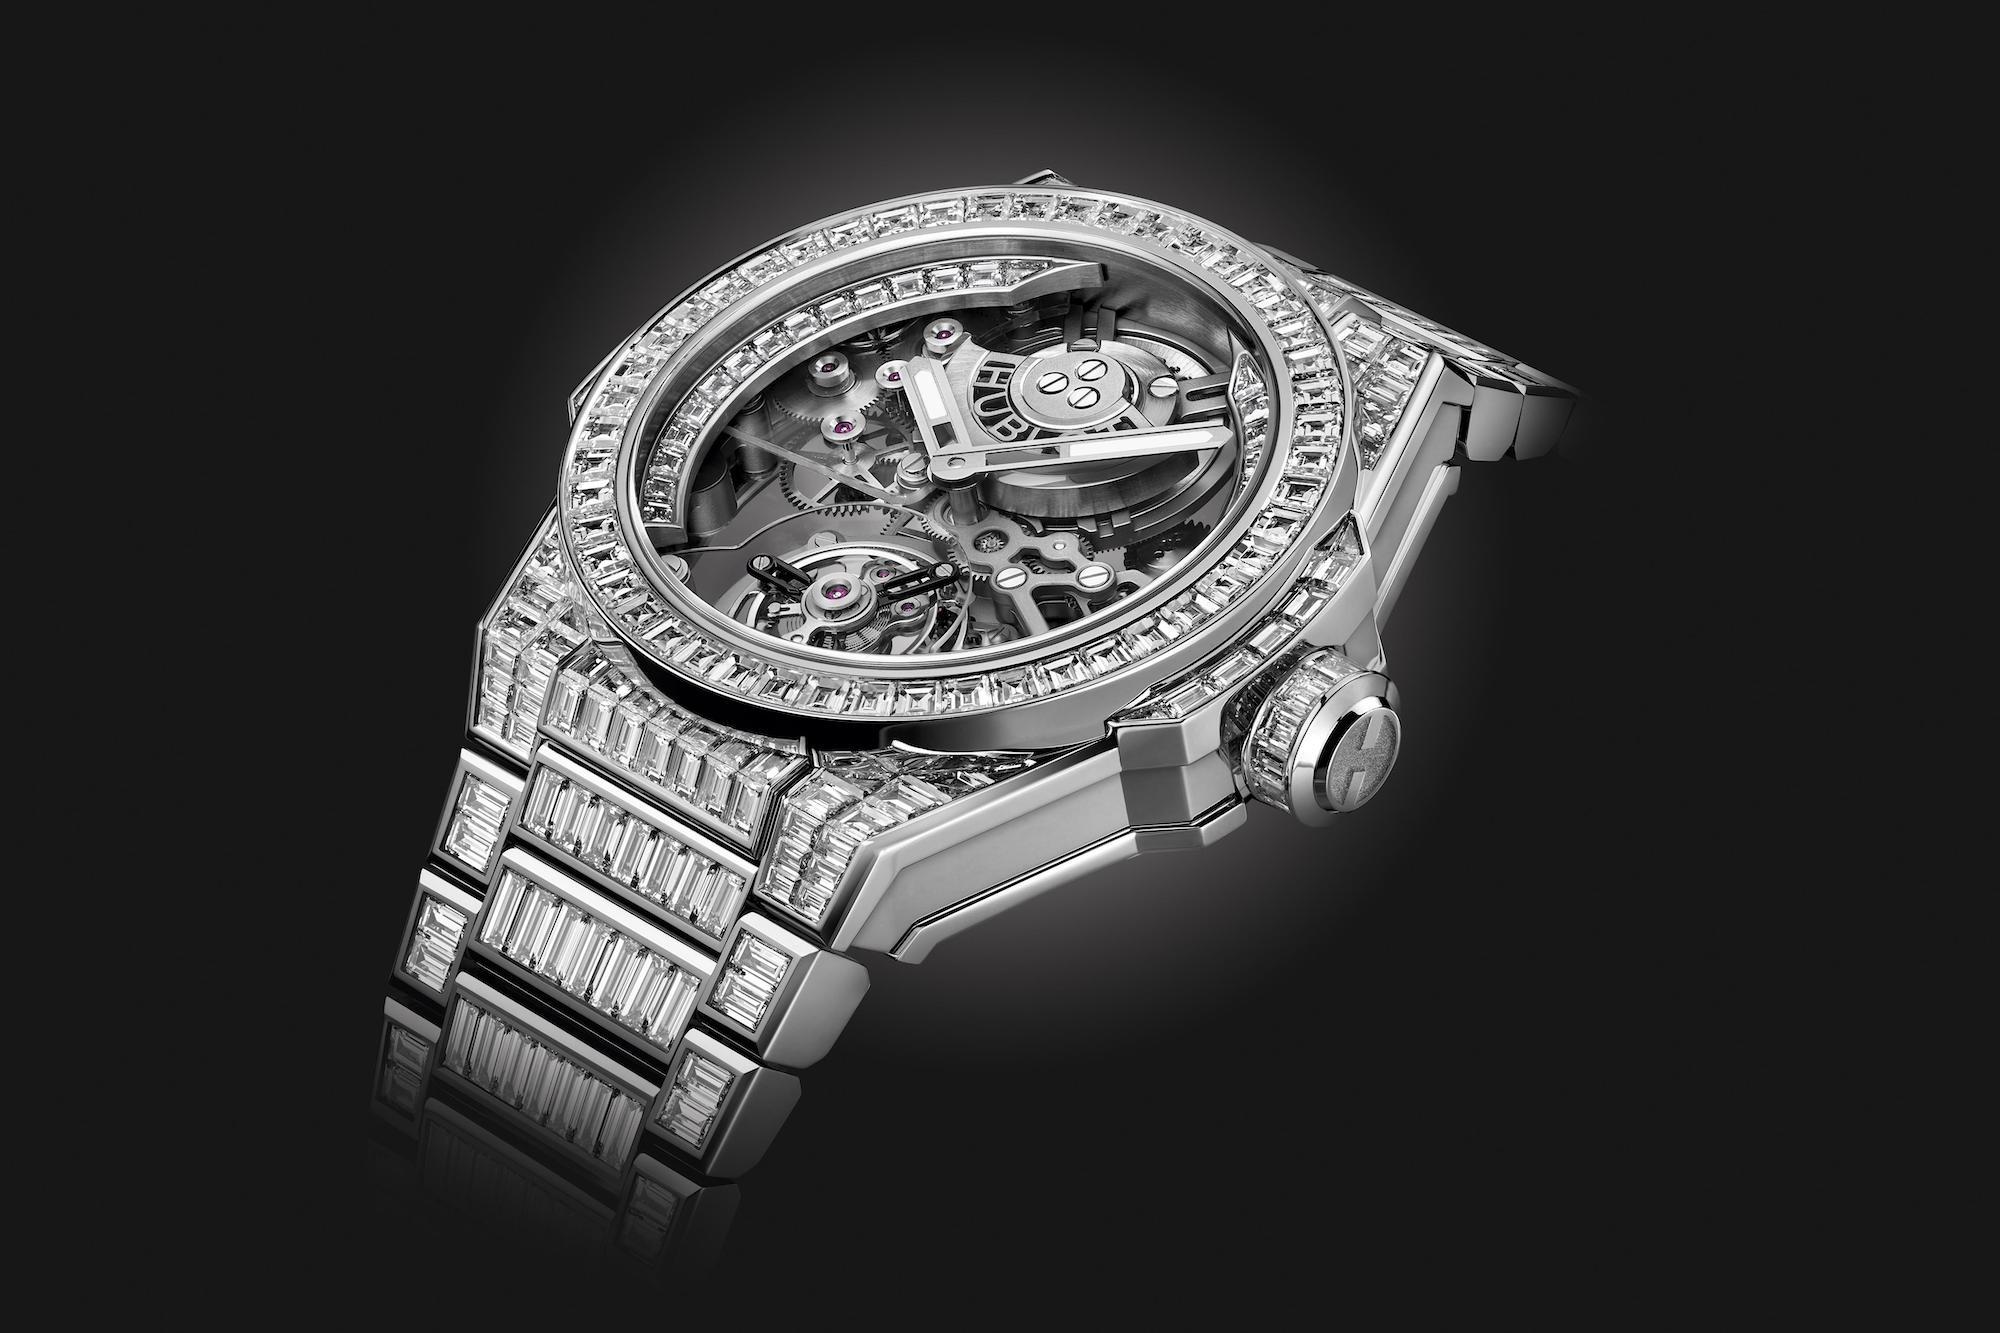 Hublot Big Bang Integral Tourbillon High Jewellery 455.WX.9000.WX.9904